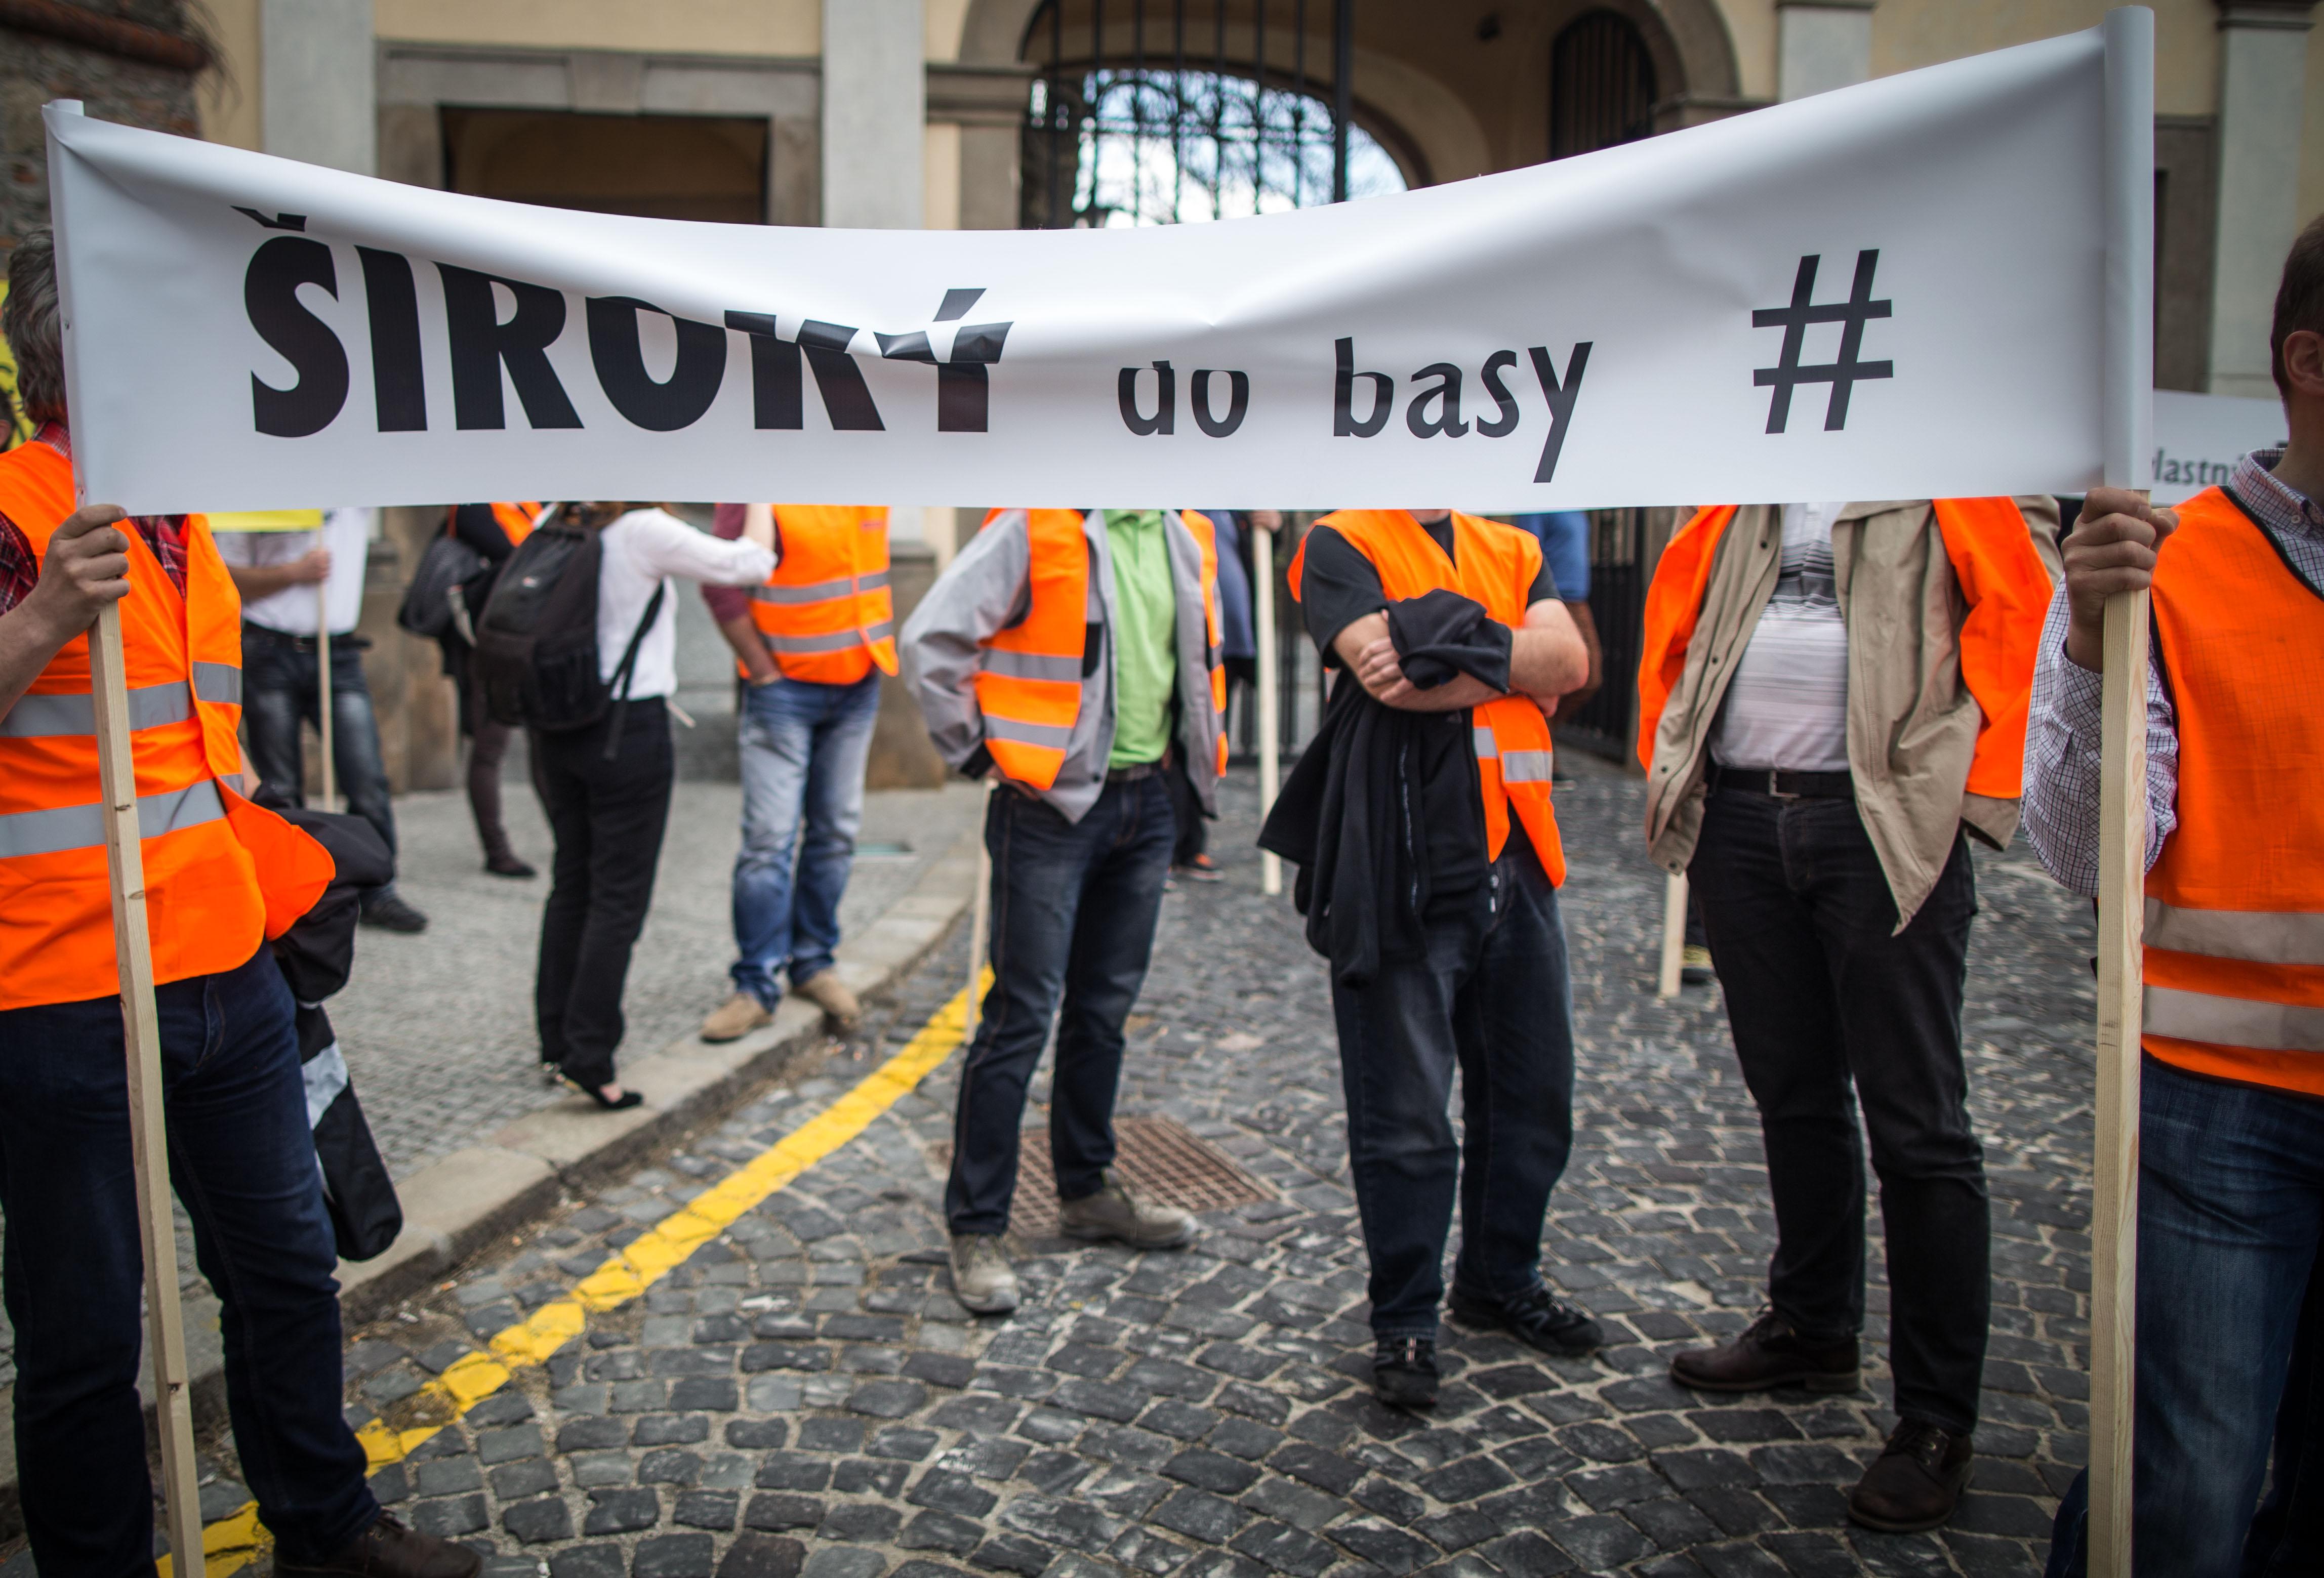 Reakciu premiéra si nevyplatení stavbári vynútili aj protestmi. Foto N - Tomáš Benedikovič